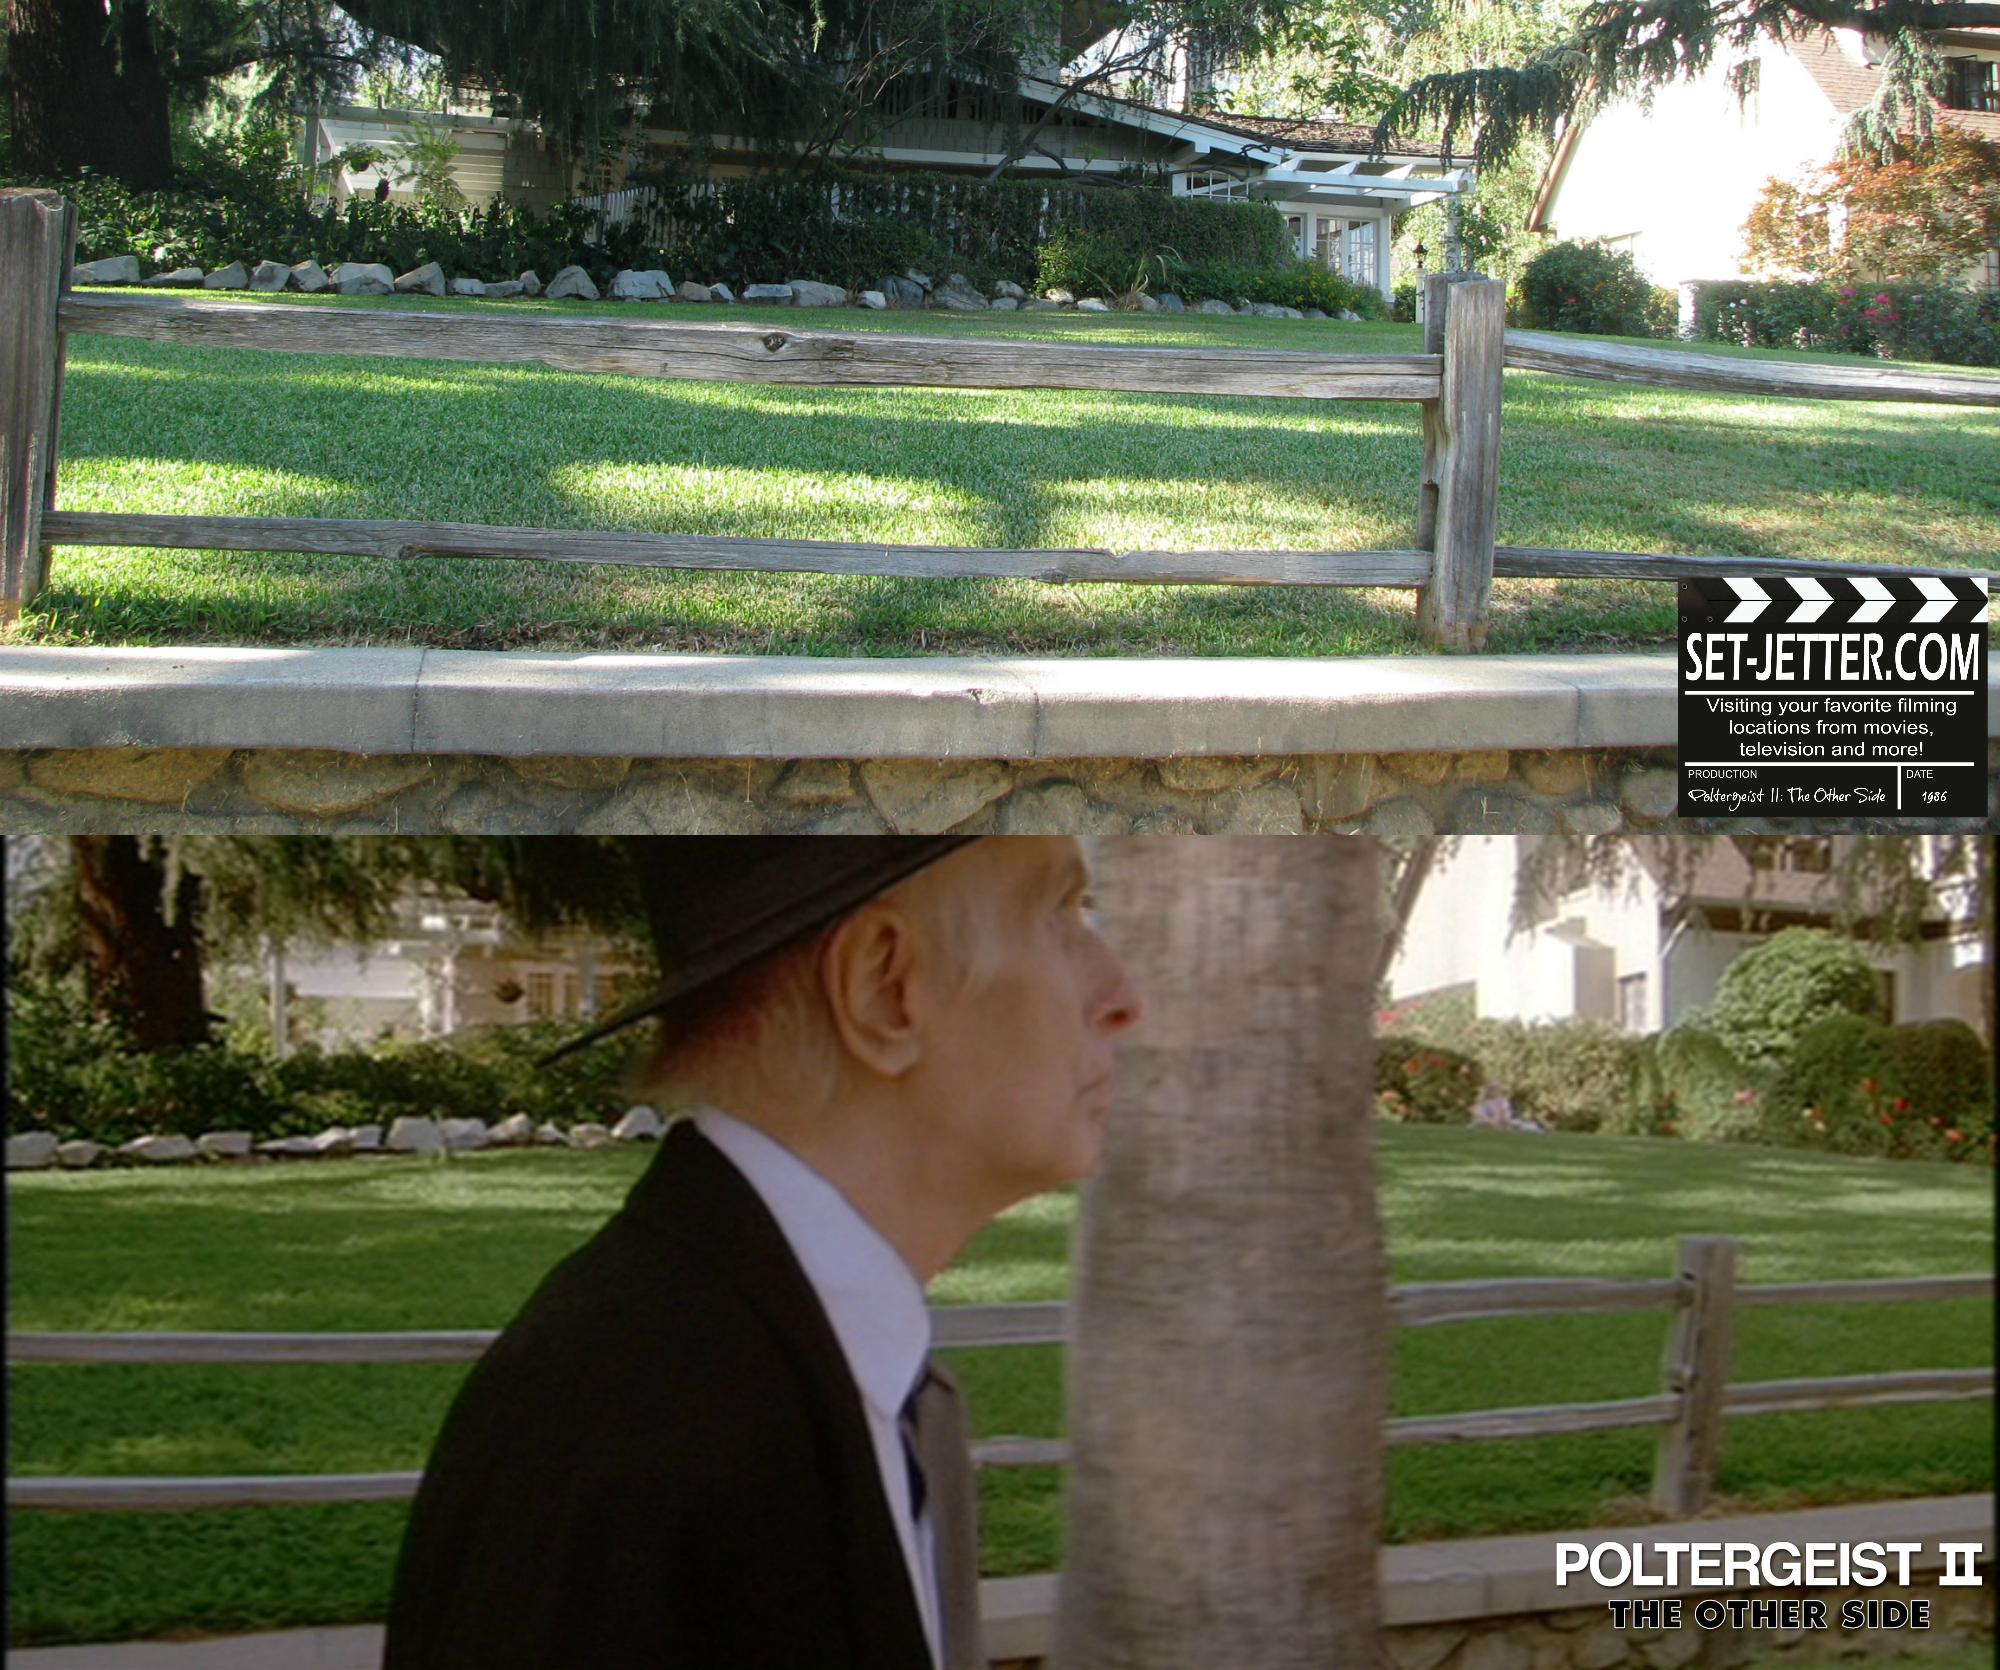 Poltergeist II comparison 33.jpg